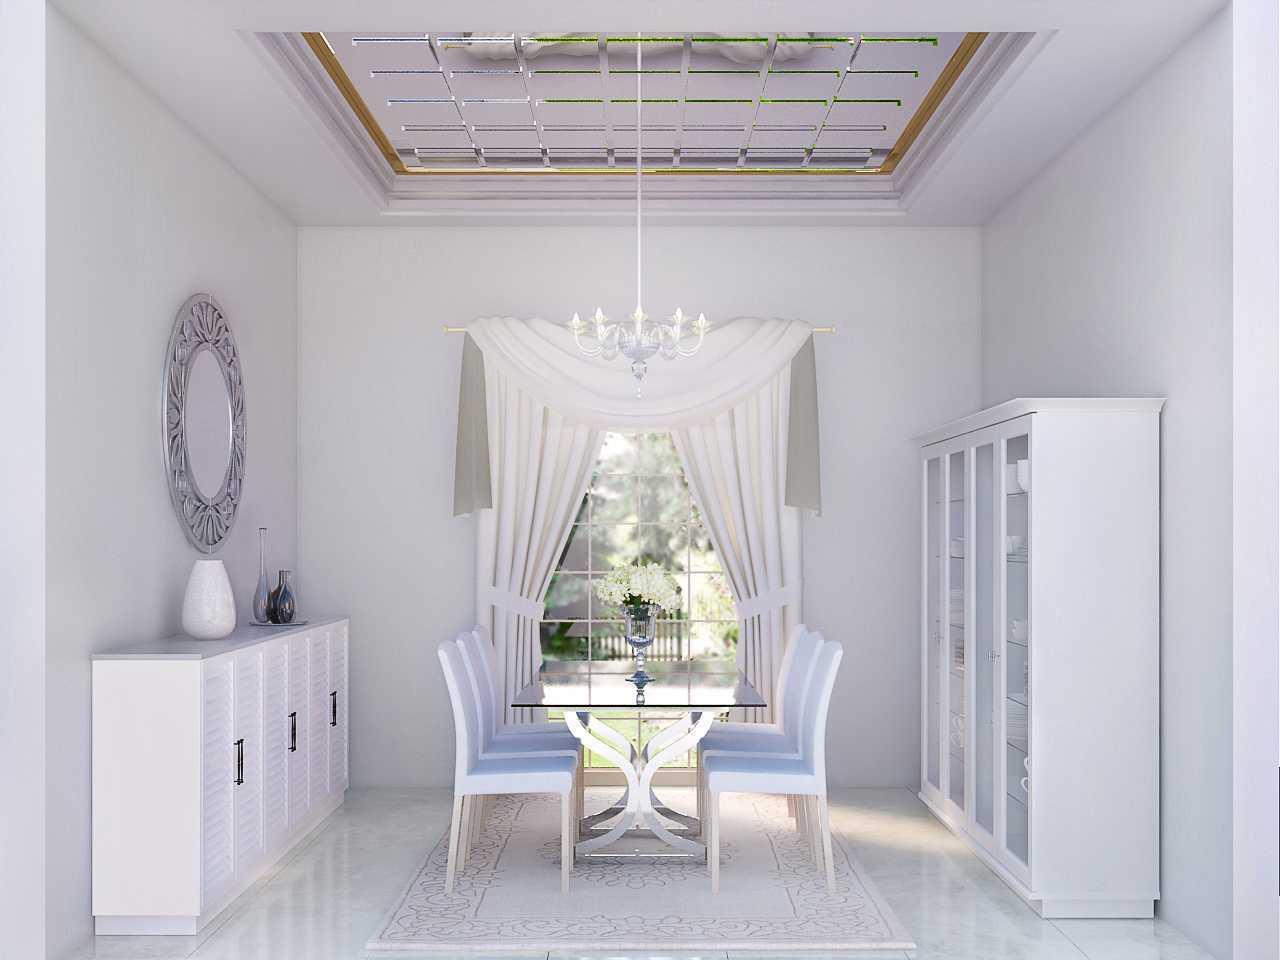 Foto inspirasi ide desain ruang makan klasik Dining-room oleh Hive Design & Build di Arsitag